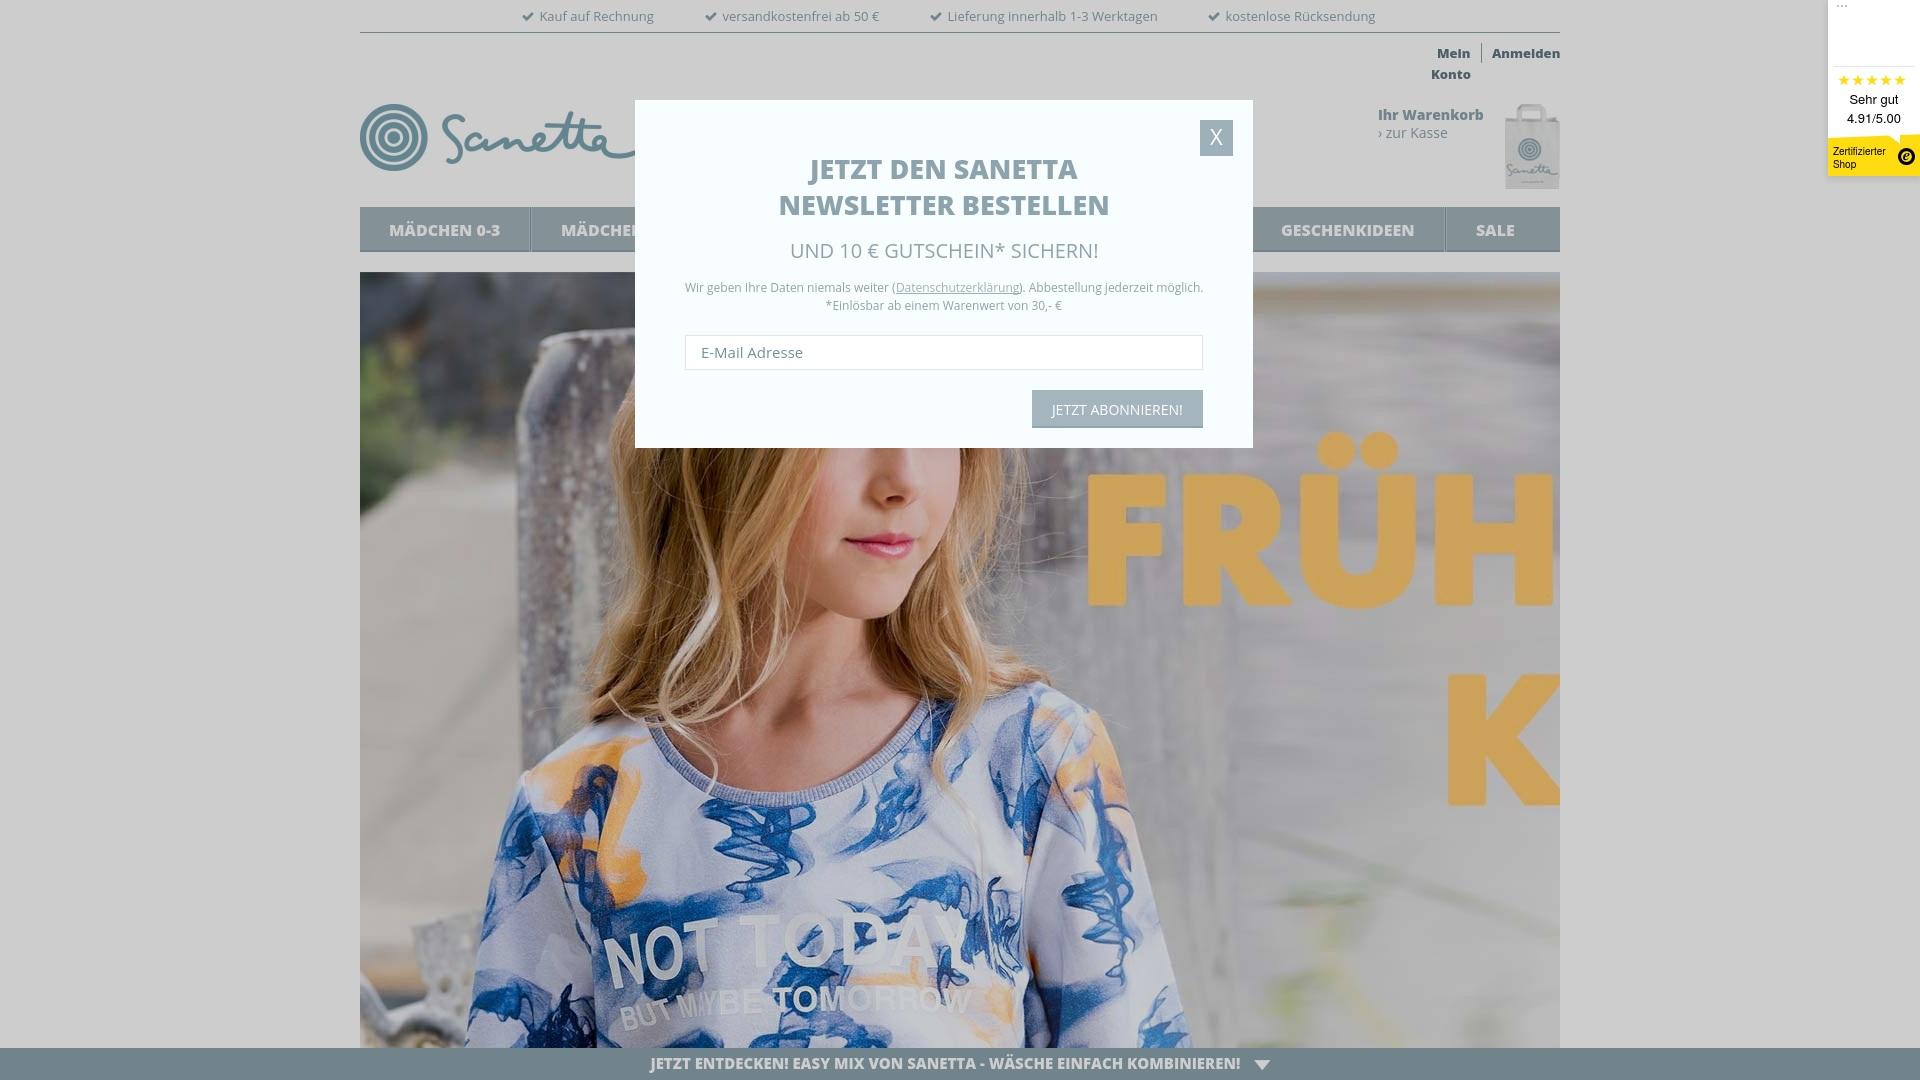 Gutschein für Sanetta: Rabatte für  Sanetta sichern